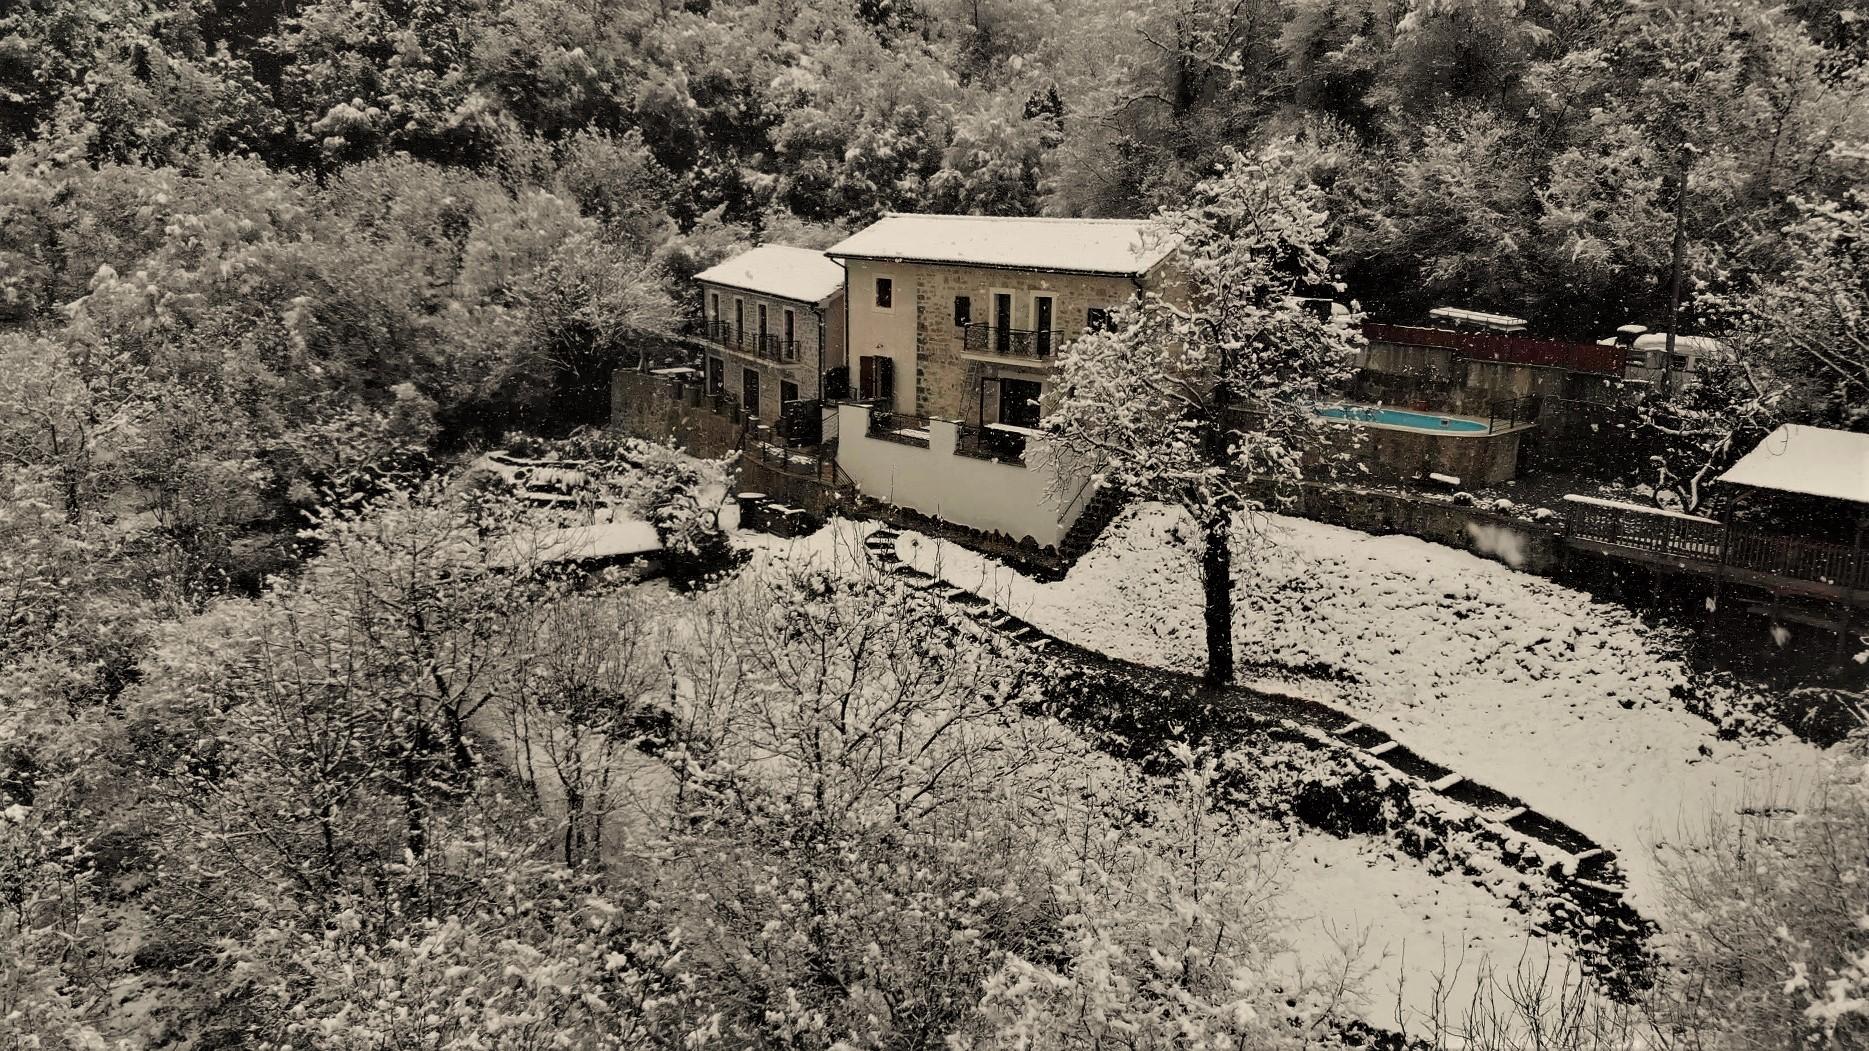 Villa Miela in late March snow